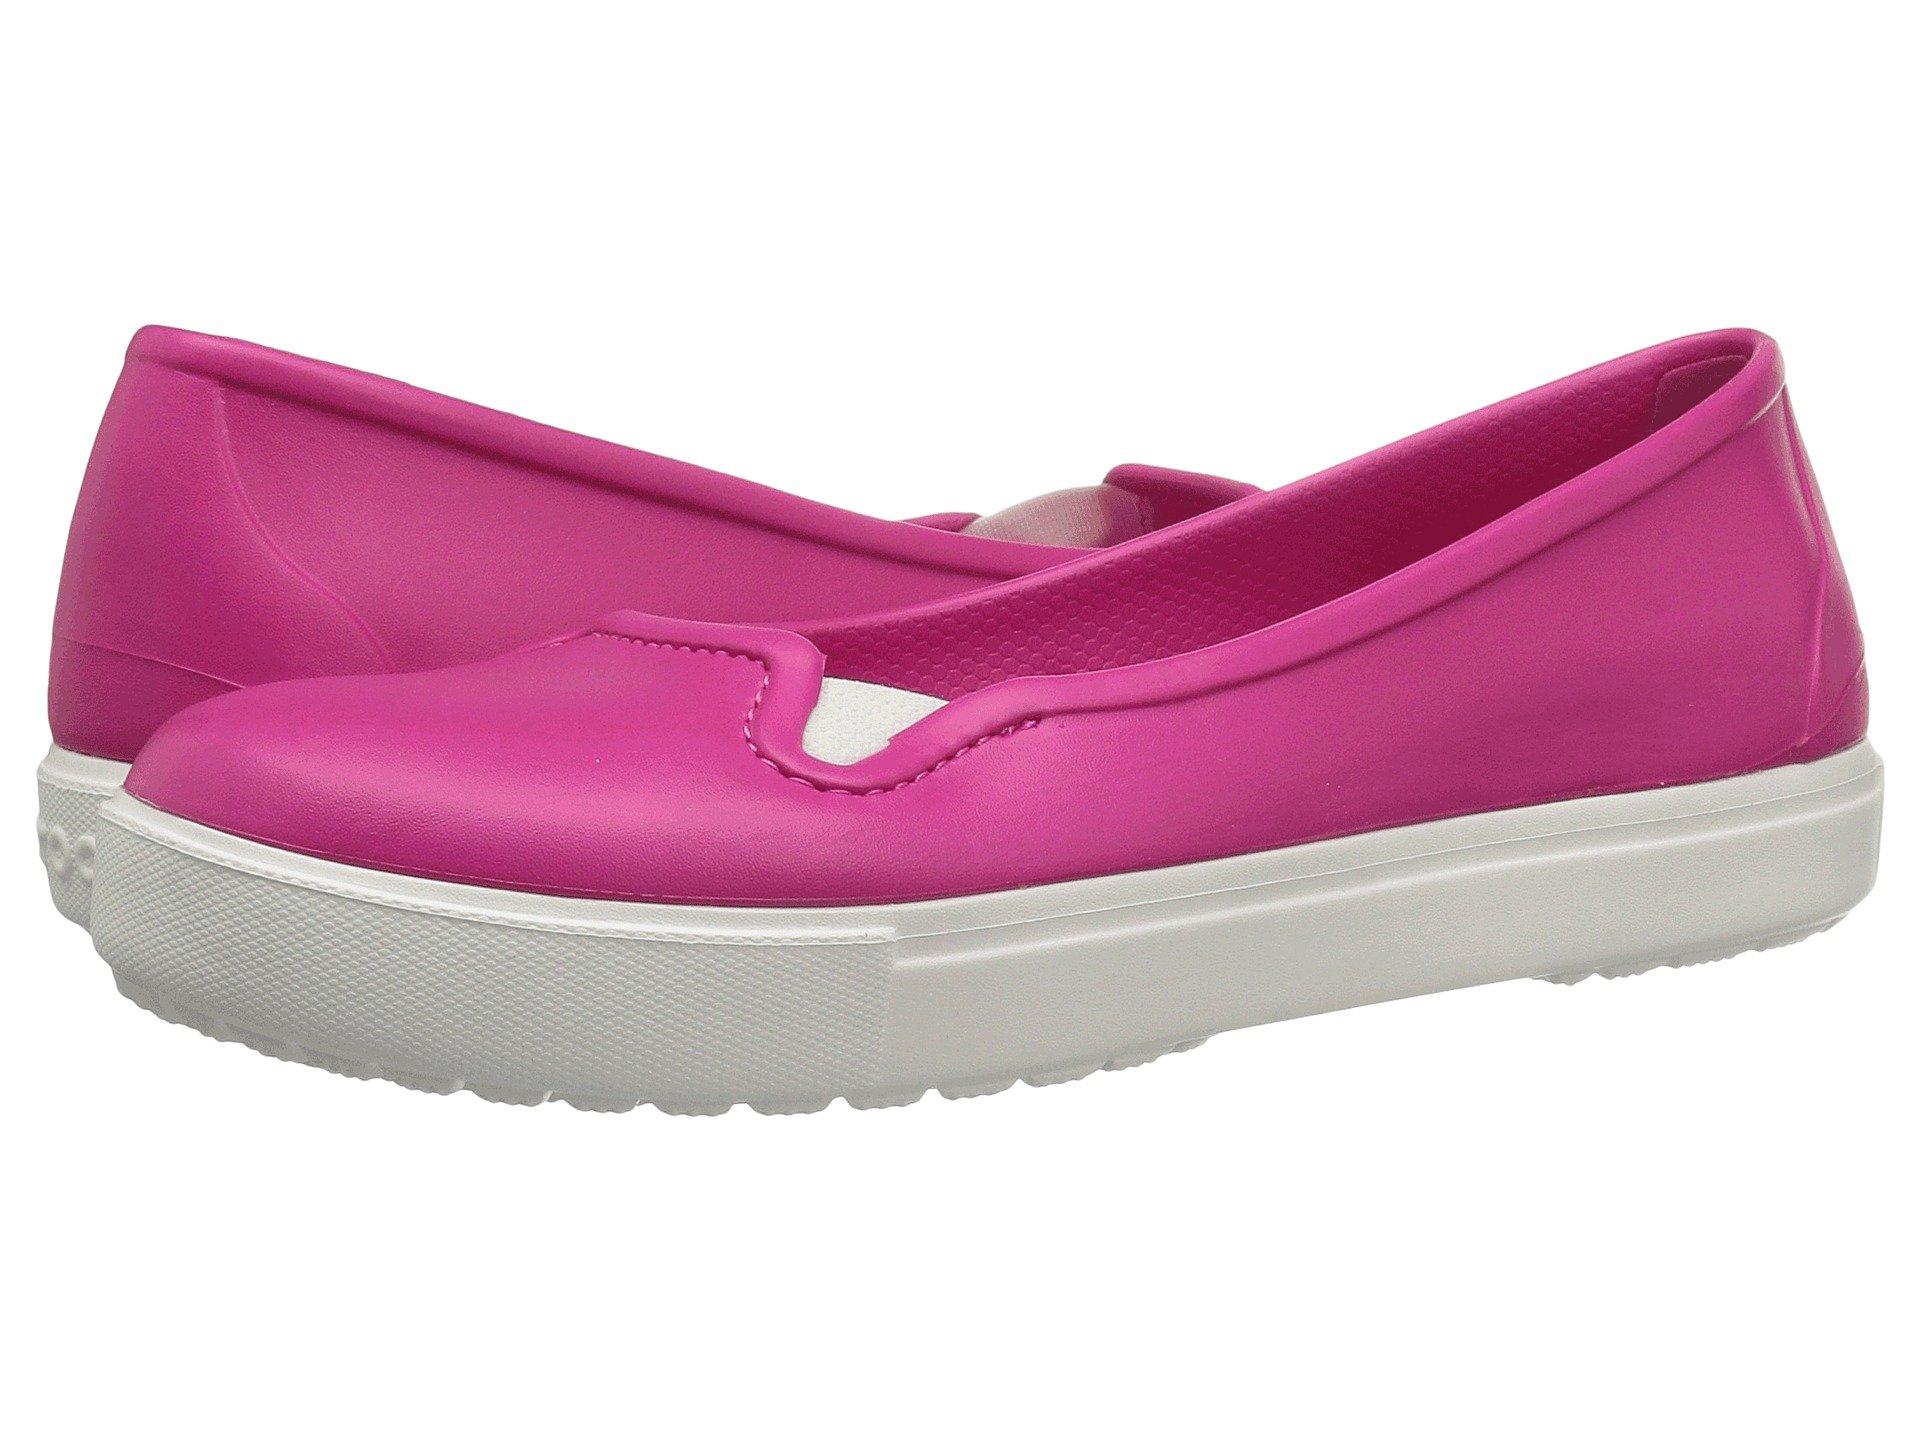 Baletas para Mujer Crocs CitiLane Flat  + Crocs en VeoyCompro.net